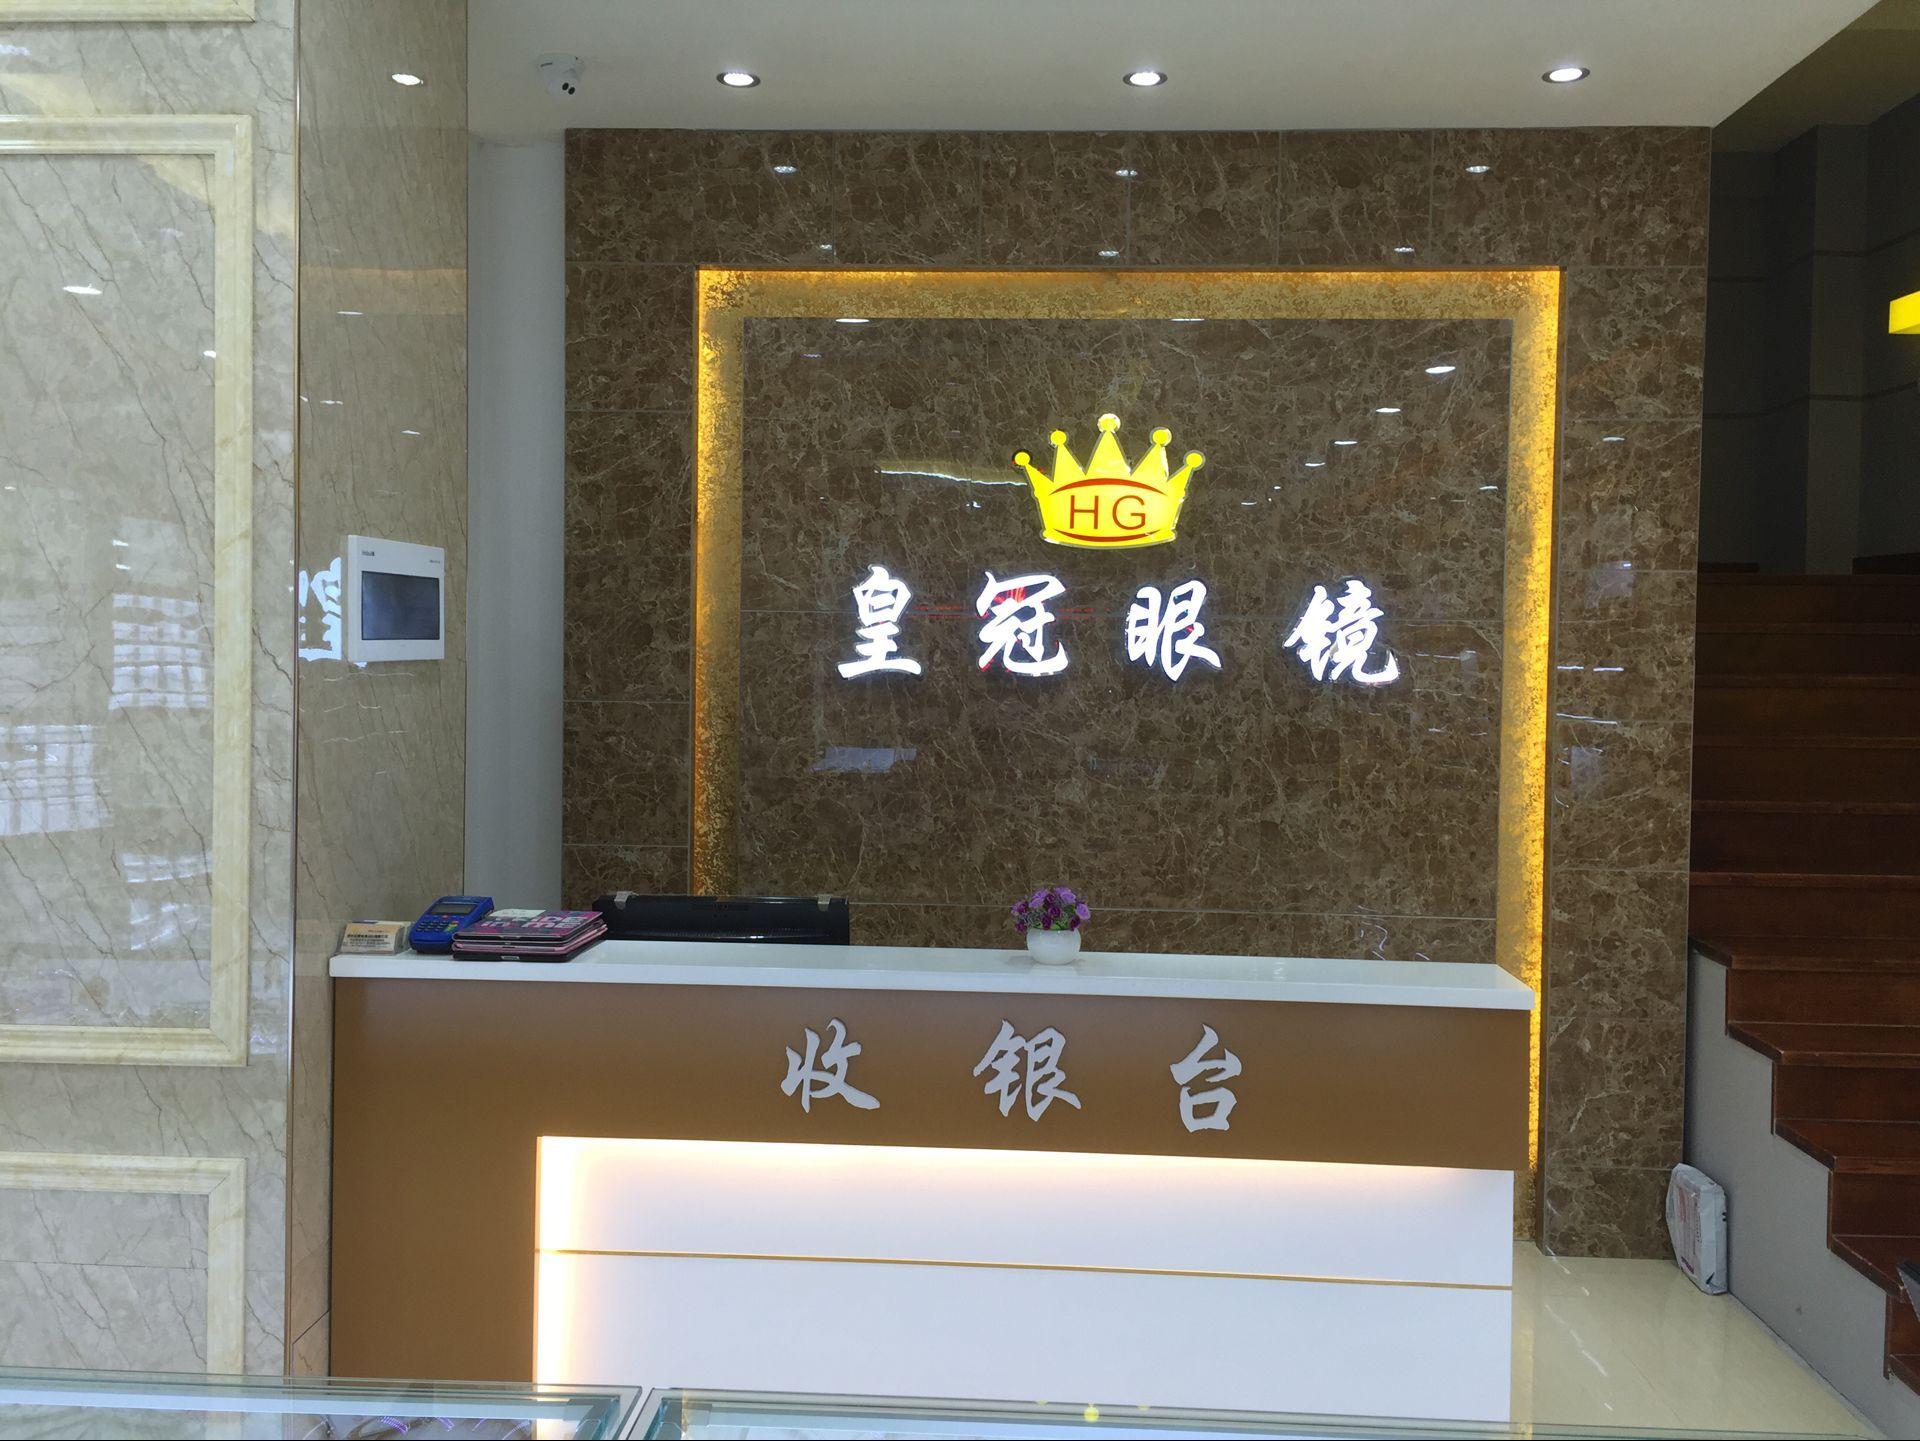 热烈庆祝皇冠眼镜旗舰店整体升级完毕,全新风格等待您的体验